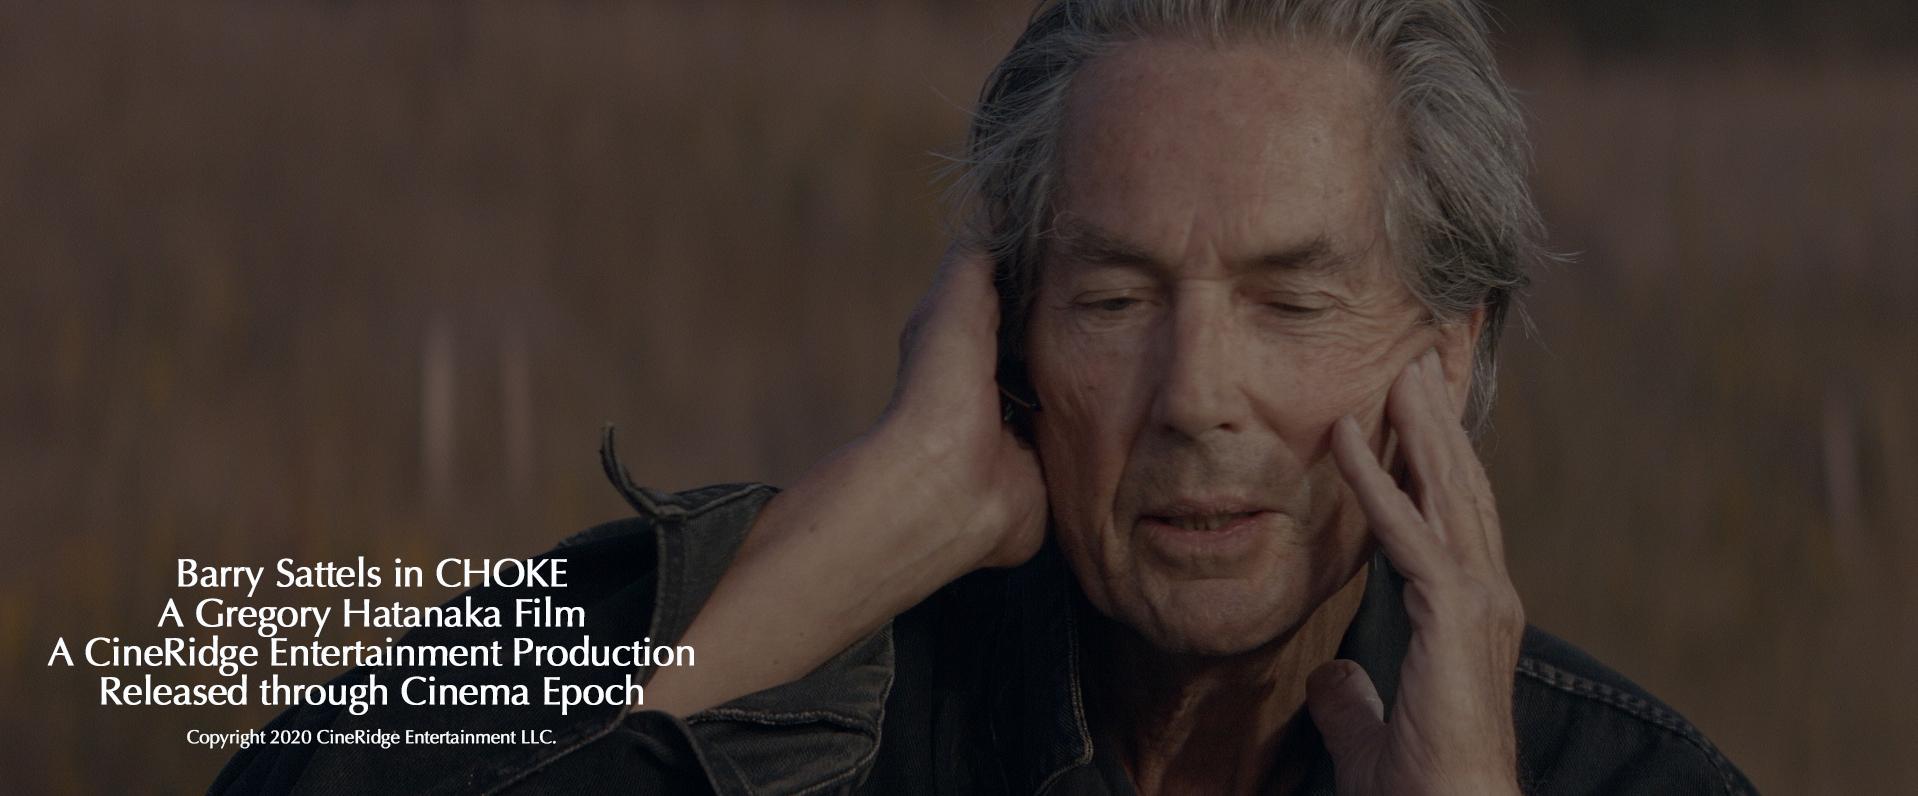 Barry Sattels in Choke (2020)